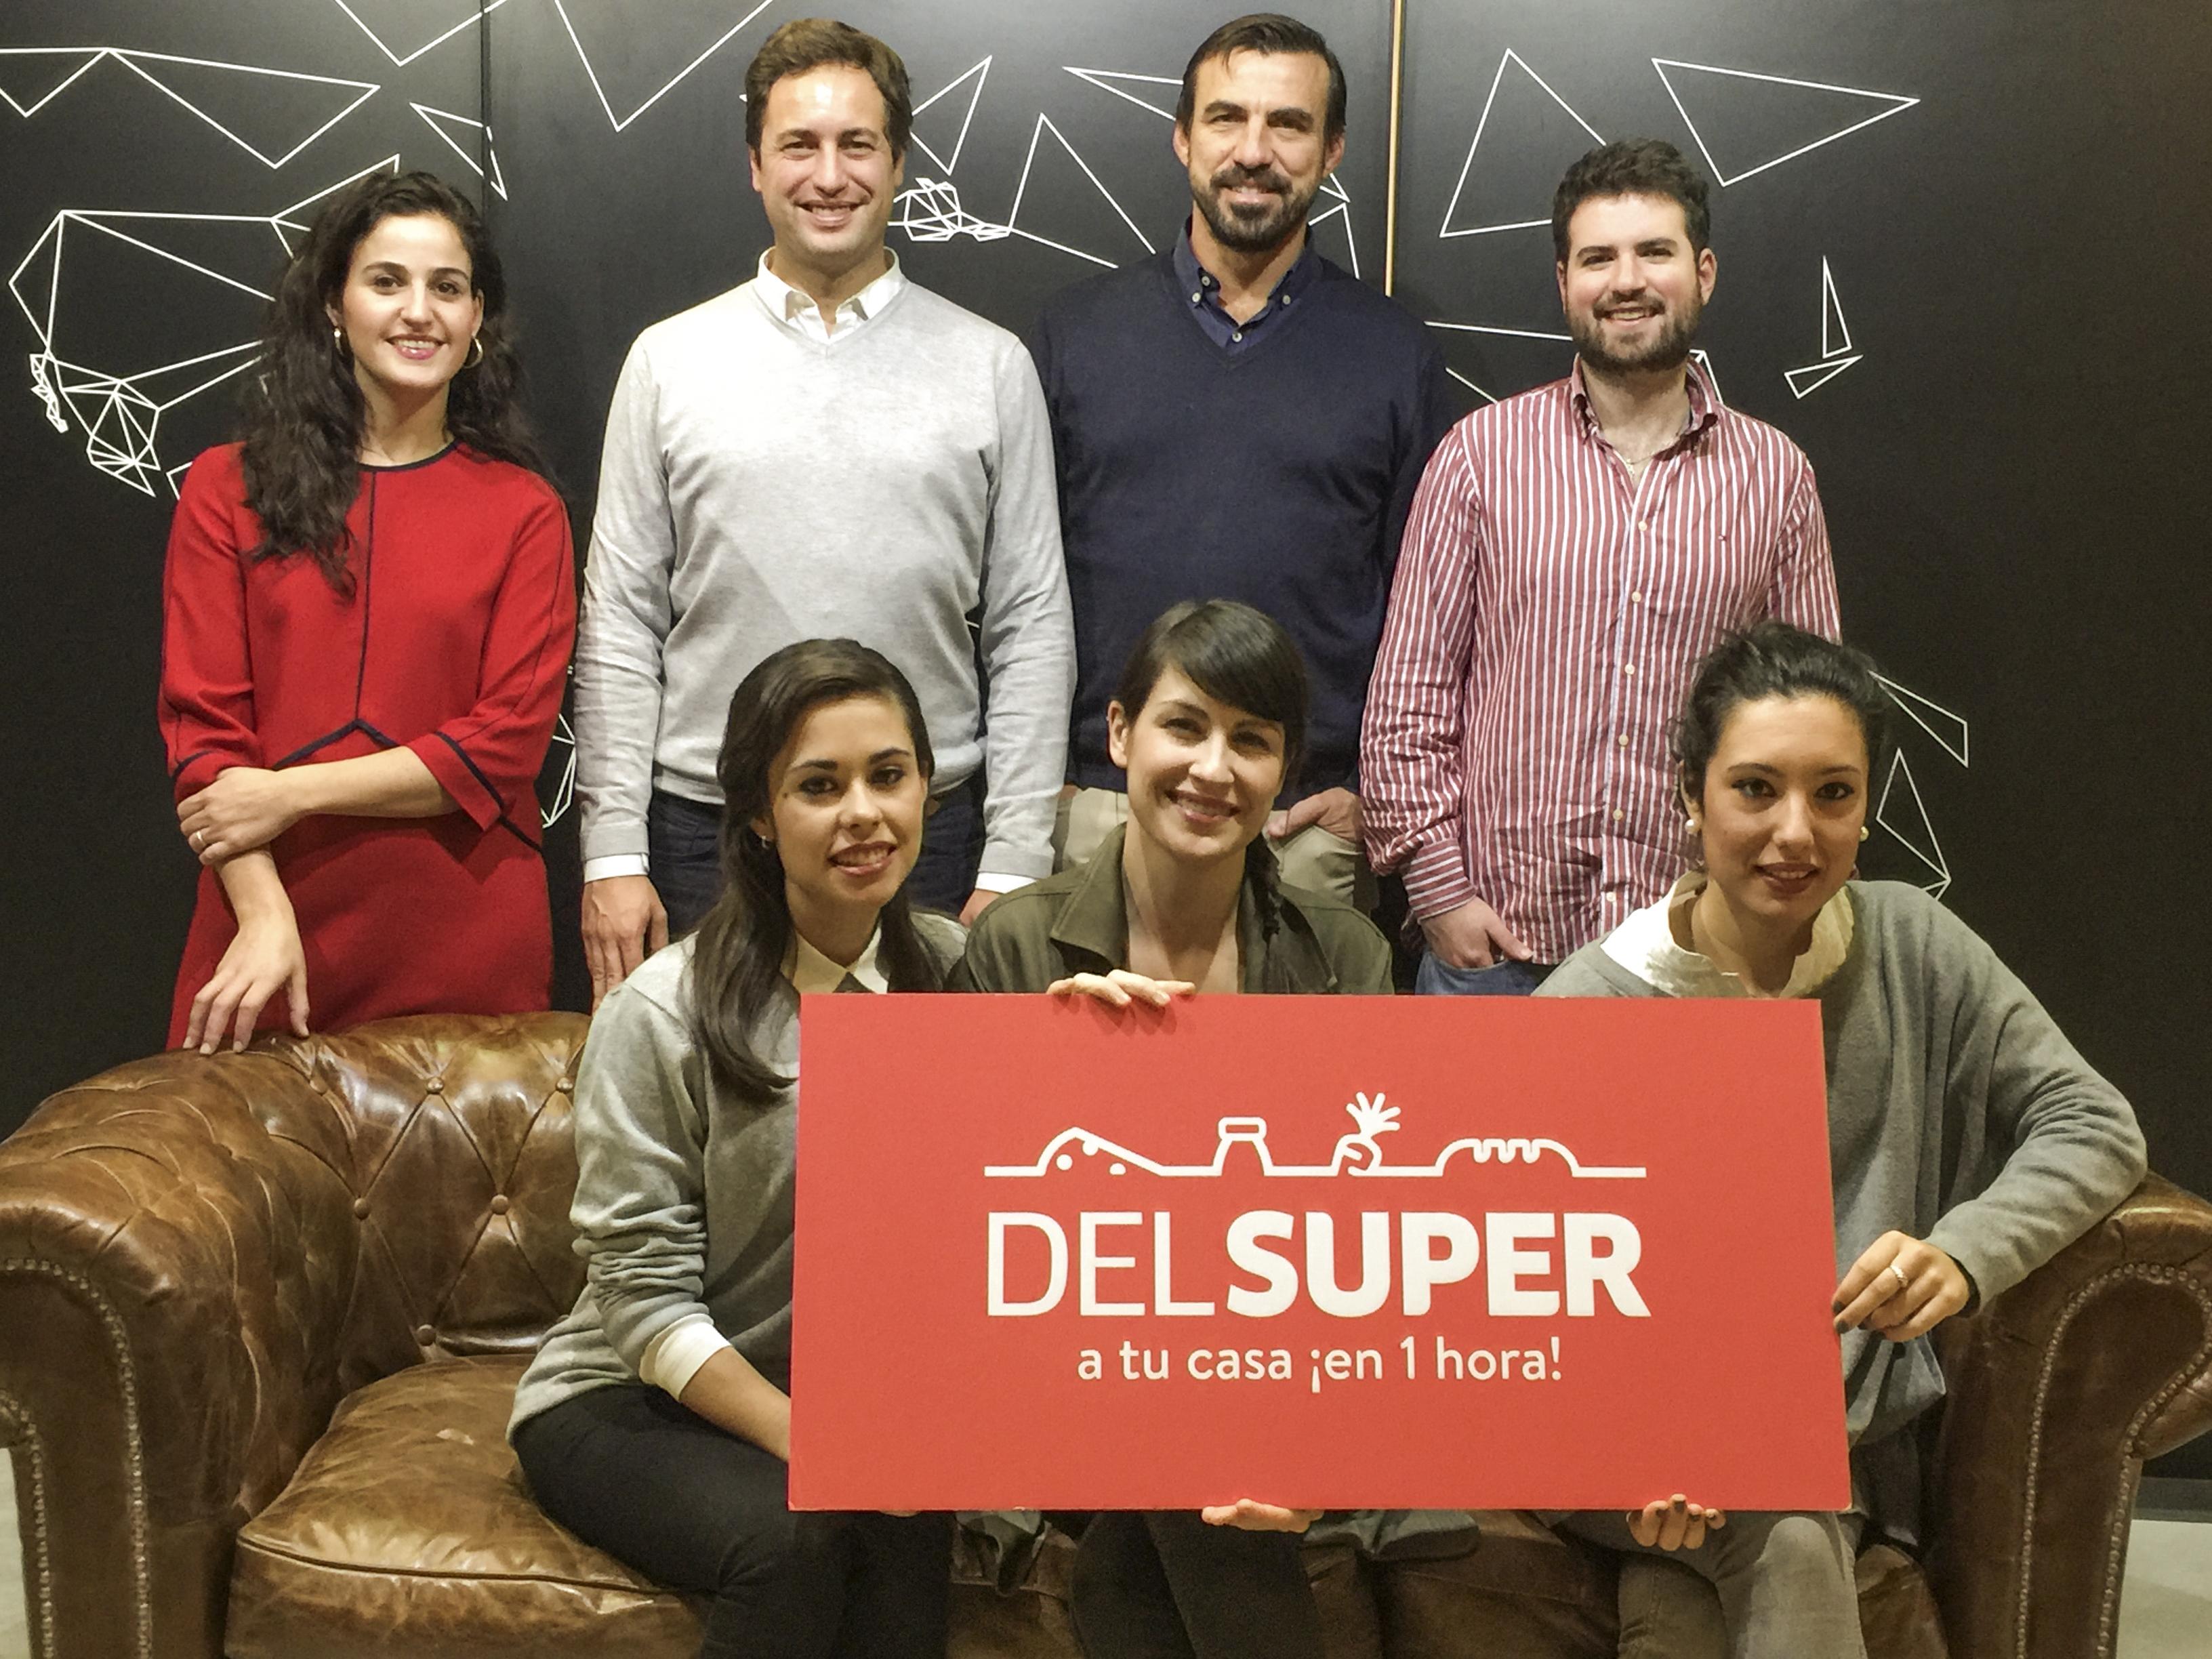 DelSuper crea un botón físico mediante el Internet de las Cosas para la compra online